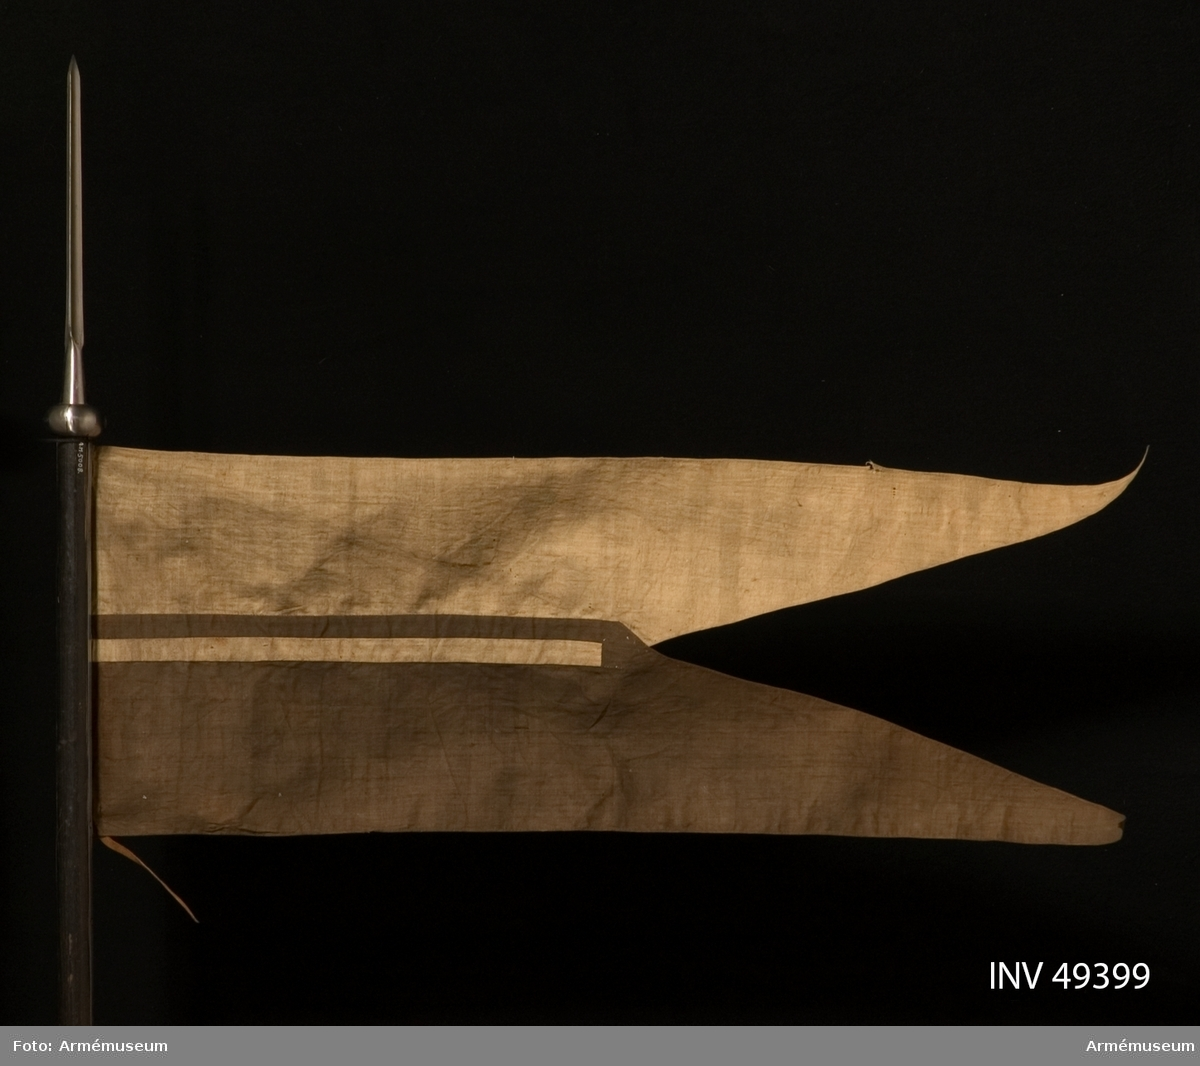 Grupp D I. Flagga till lans, projekt 1838. Flaggan är tvåtungad, vit upptill och svart nedtill samt hålls  fast vid lansen av tre järnöglor, genom vilka en rem av brunt  läder dragits.